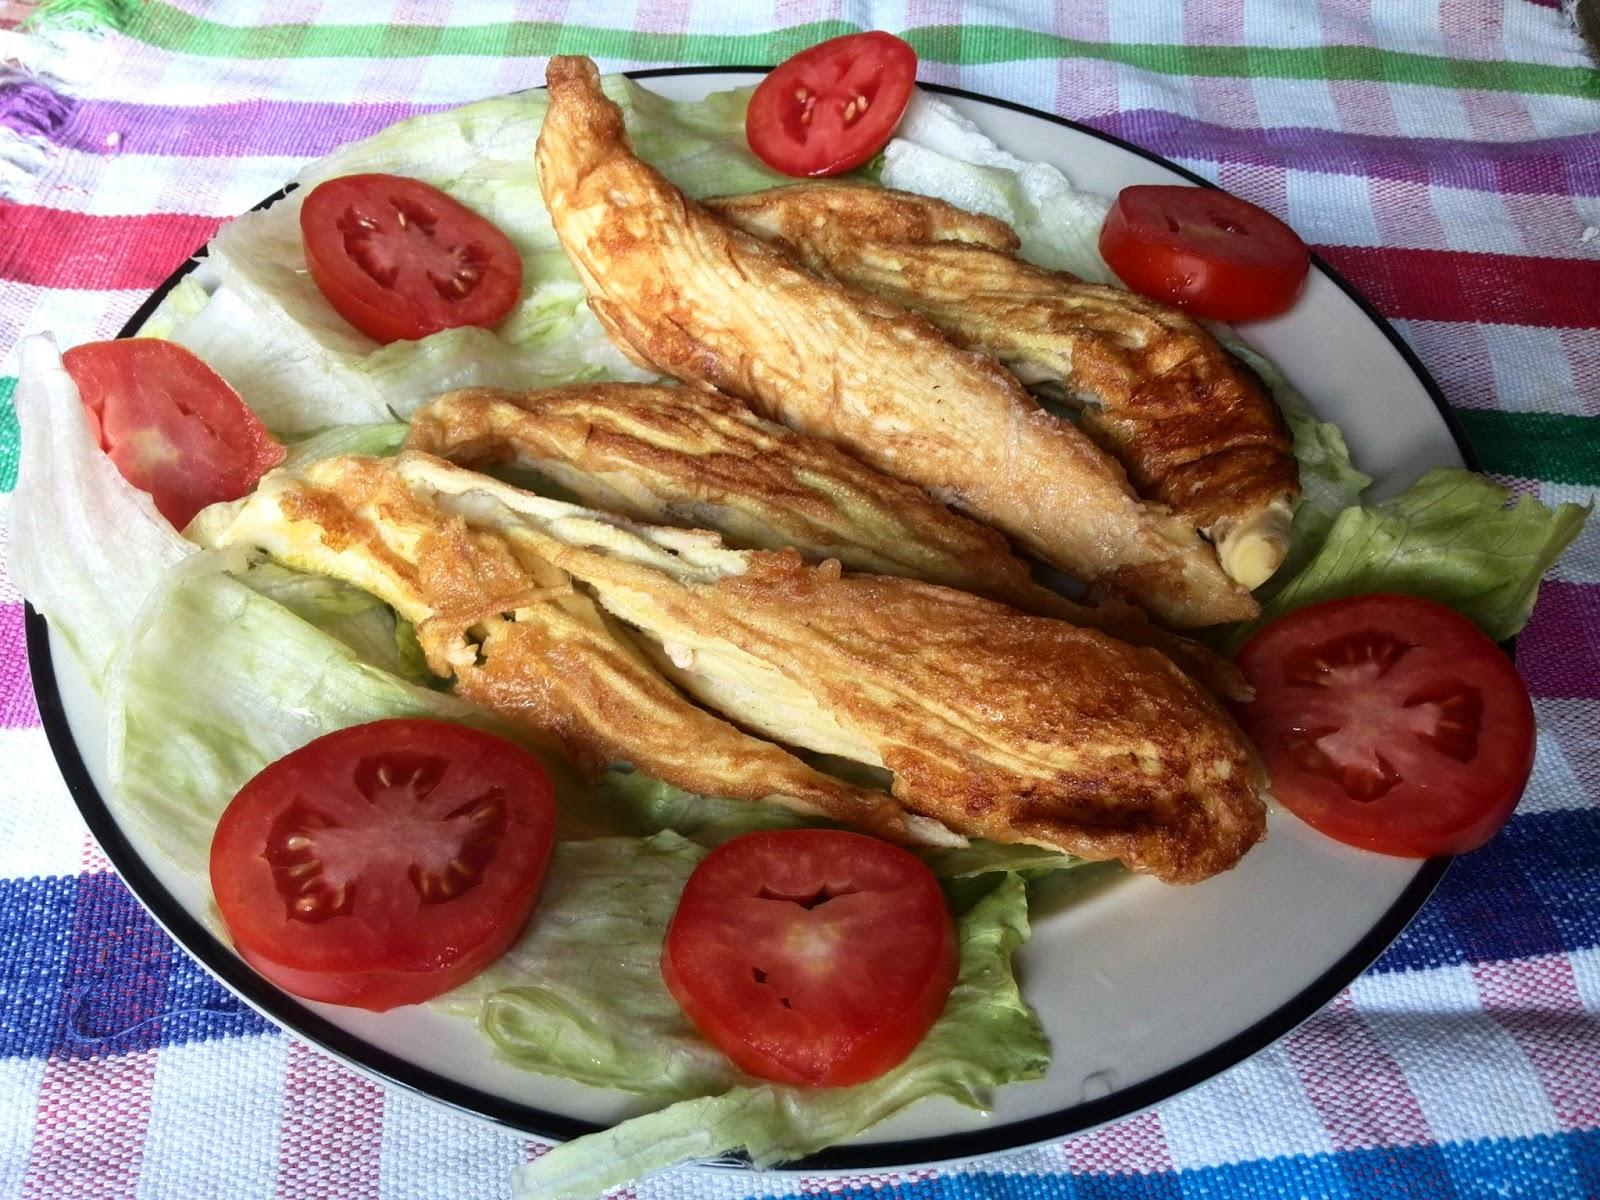 Fotodocumental comida tipica de semana santa for Comida semana santa